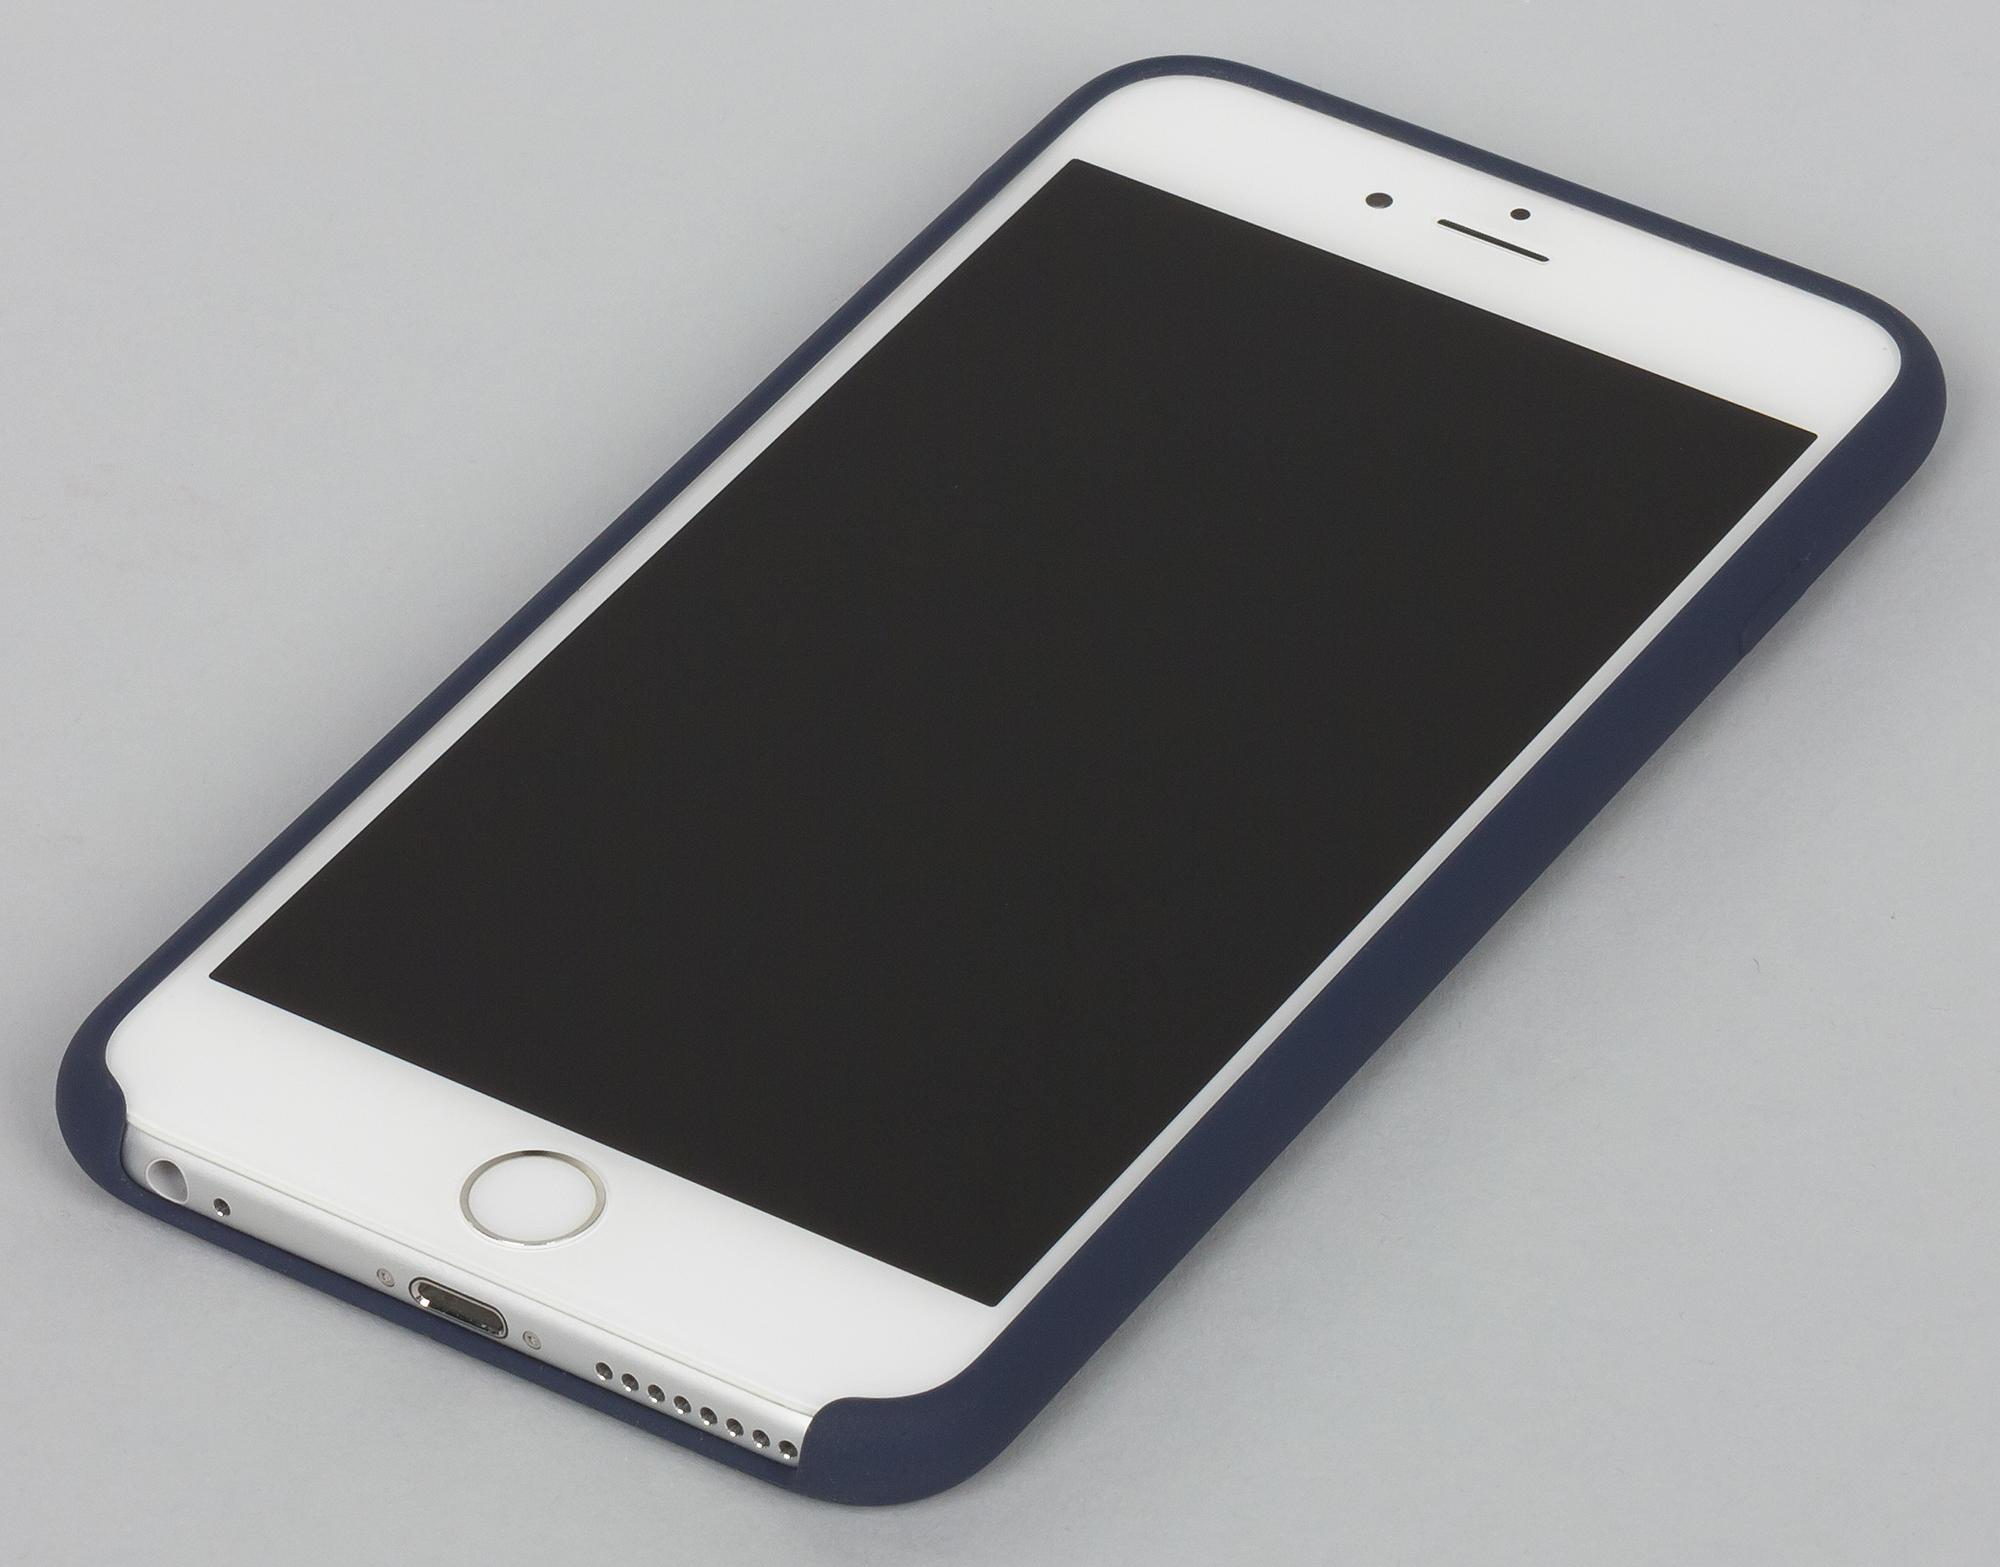 iPhone 6s Plus. Теперь о грустном — о ценах. Док-станция обойдется в 4090  рублей 3176852062885